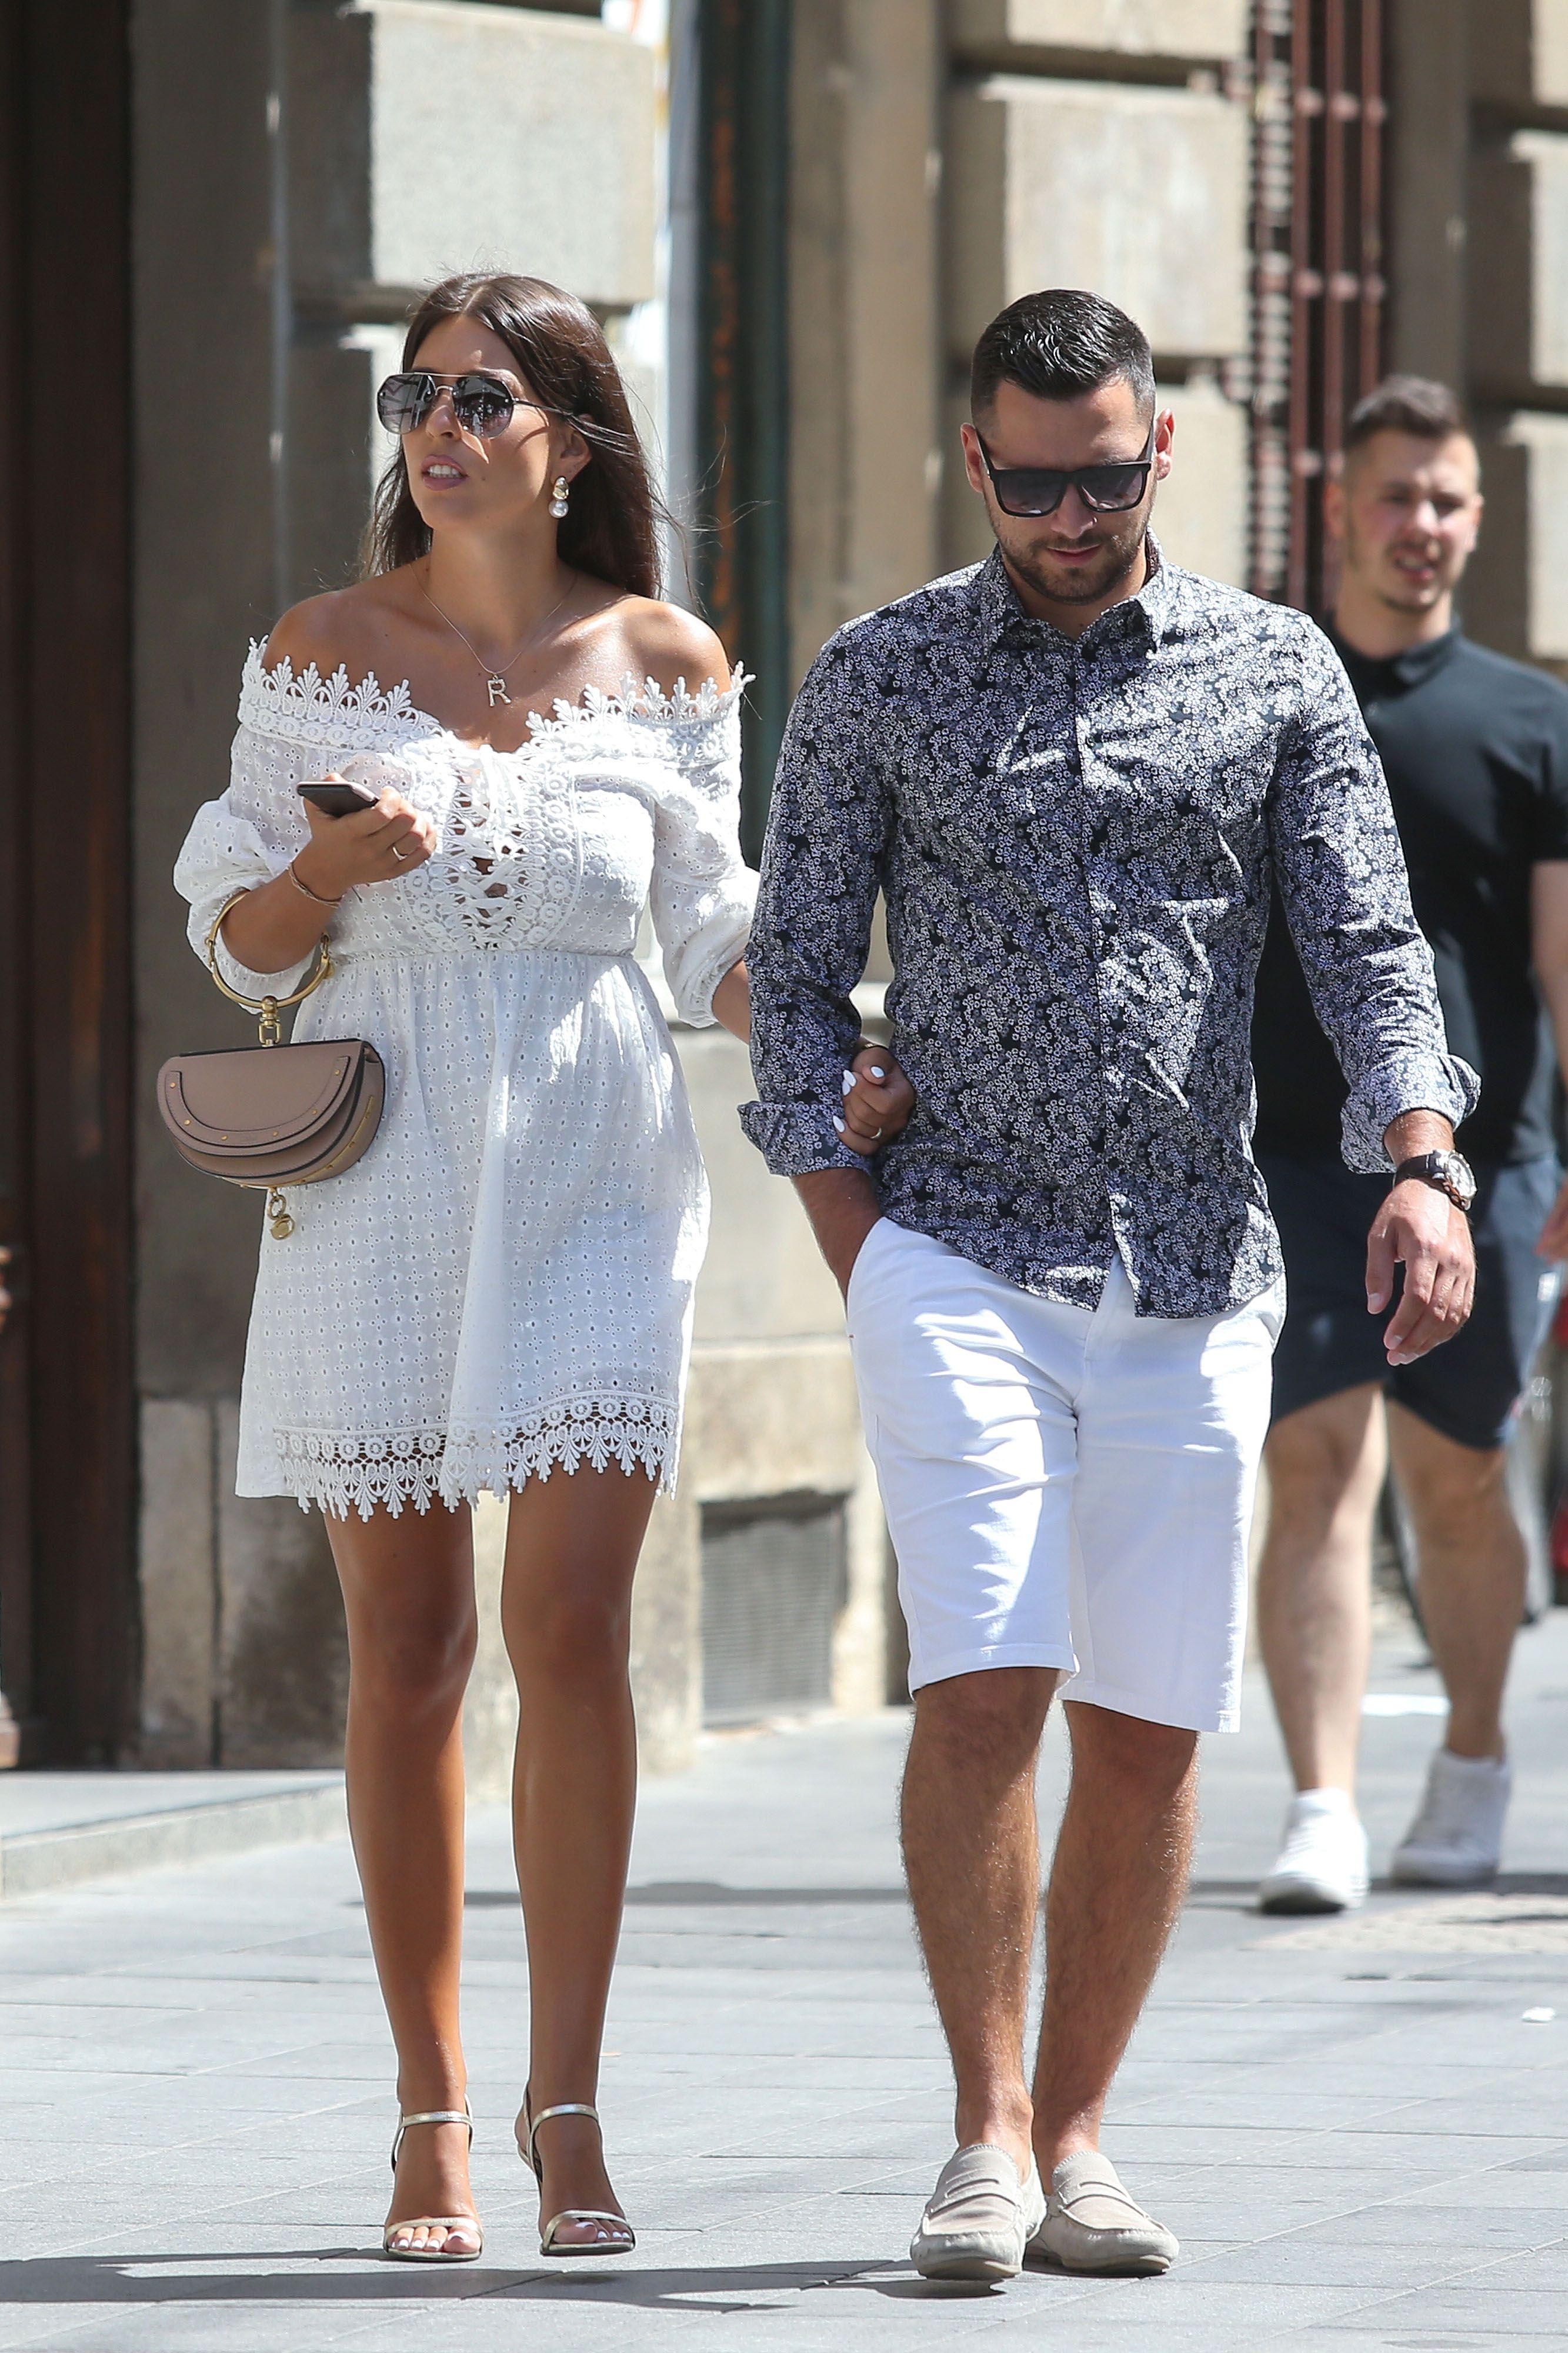 Dvostruka doza stila: Ovaj par sa špice svima je održao modnu lekciju